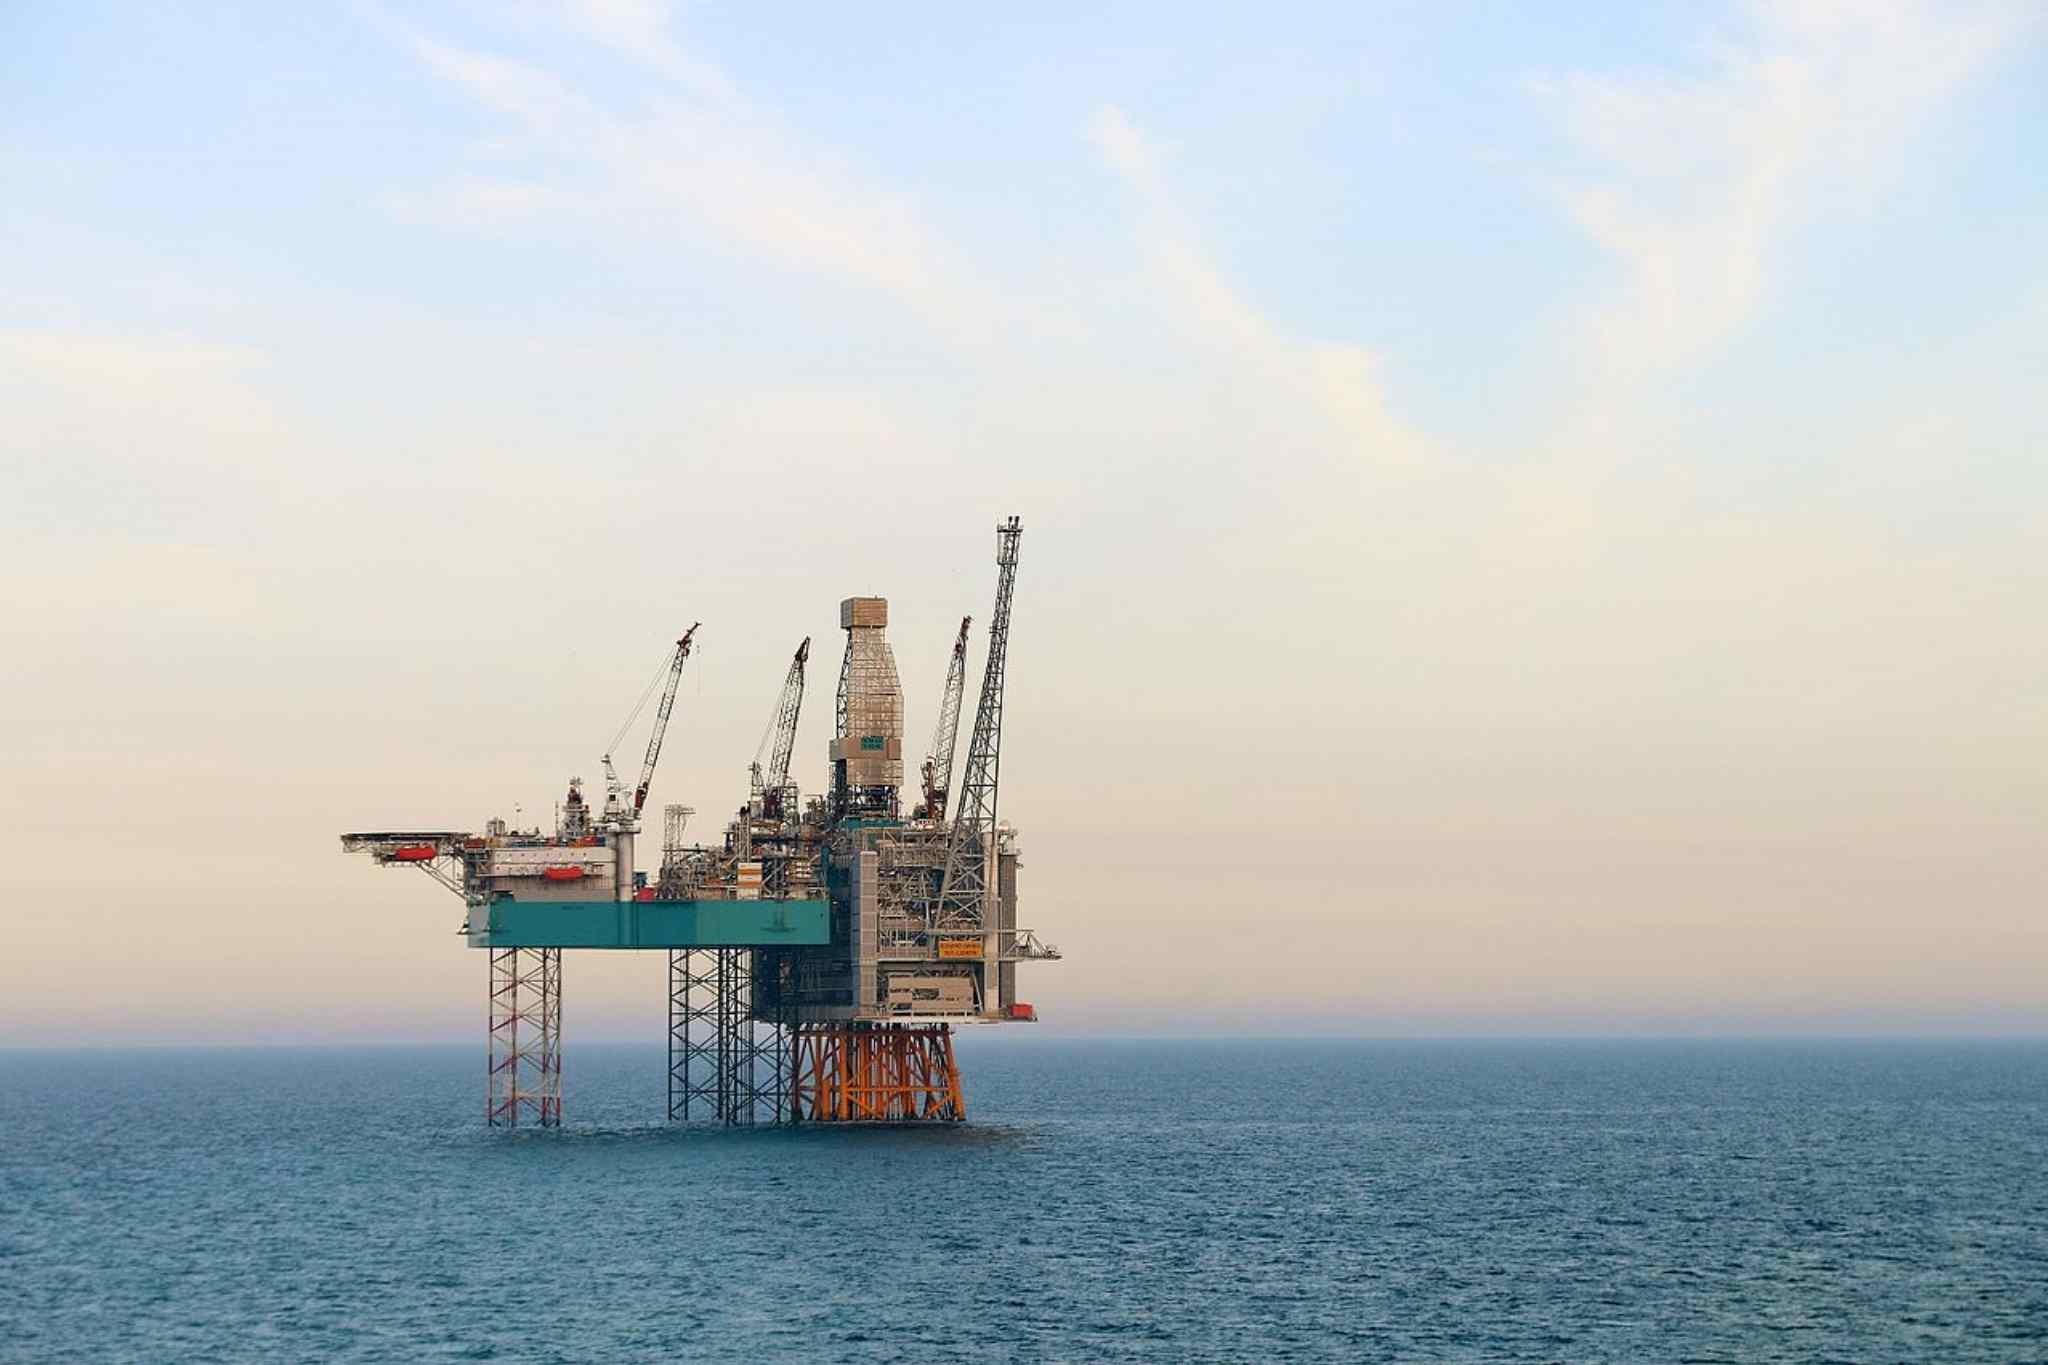 Salg til storkunder i oljebransjen ved prosjekter som Edvard Grieg? Kjør Account-Based Marketing (ABM)